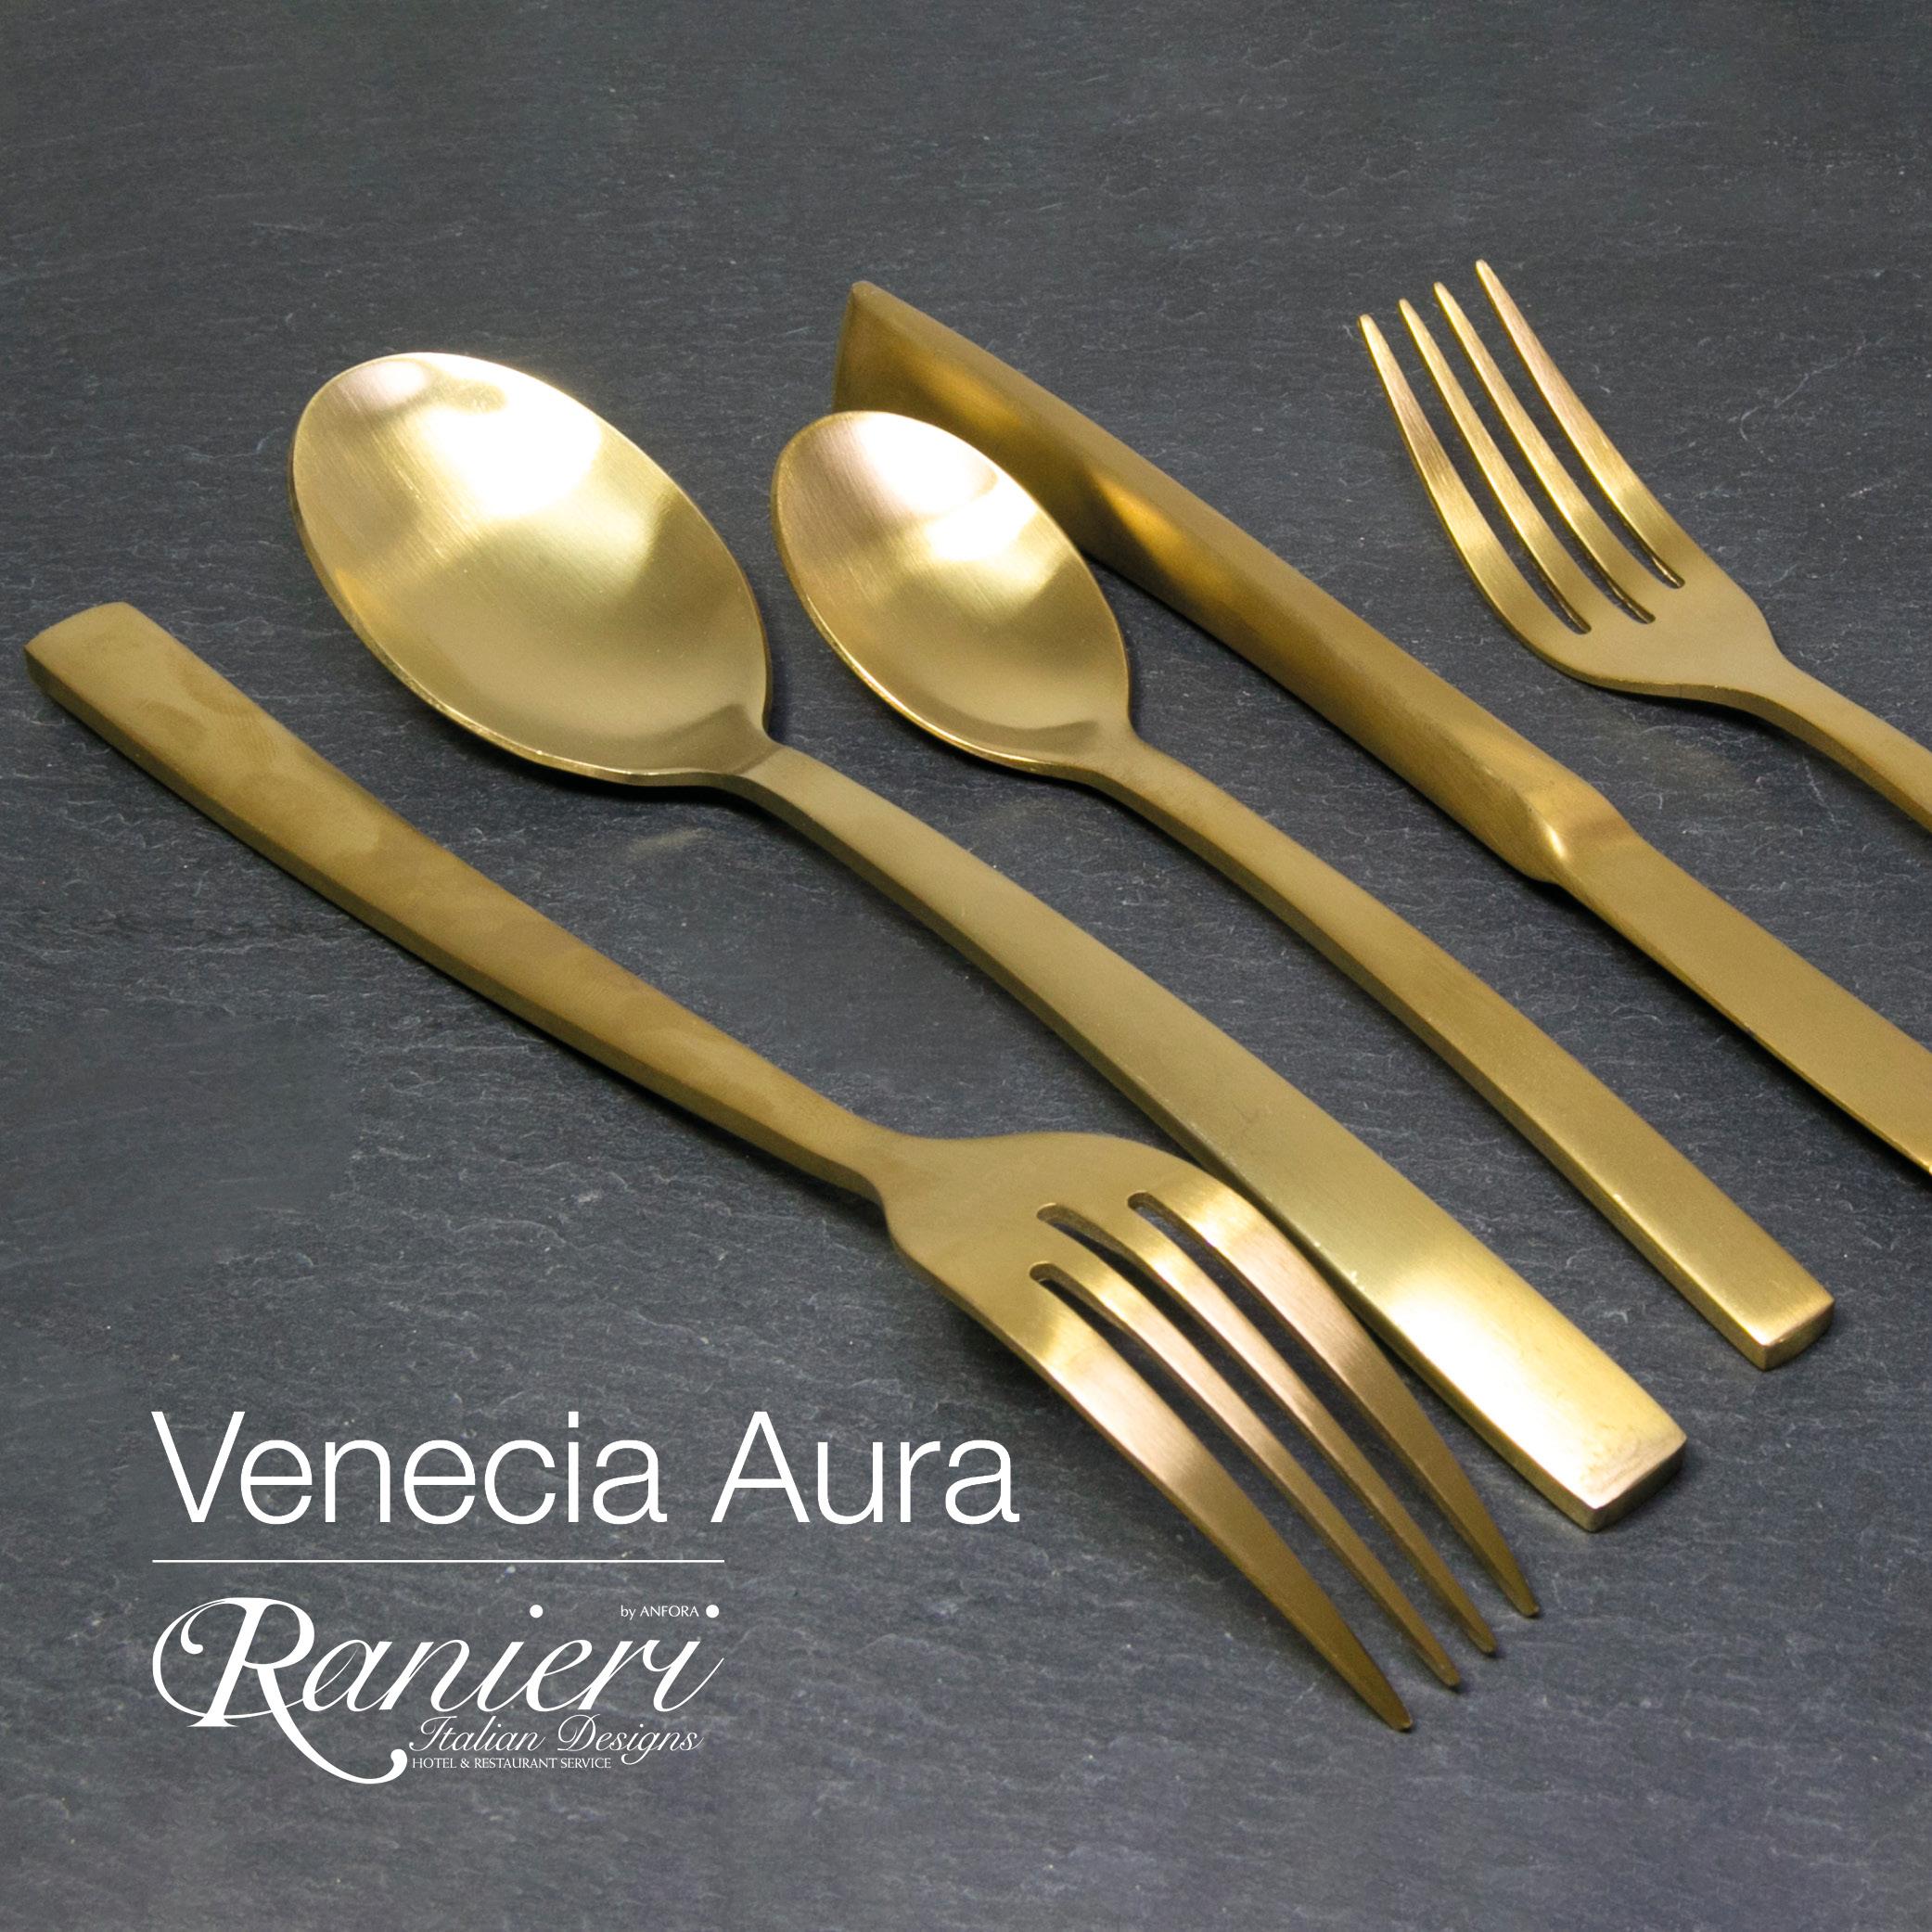 Venecia Aura